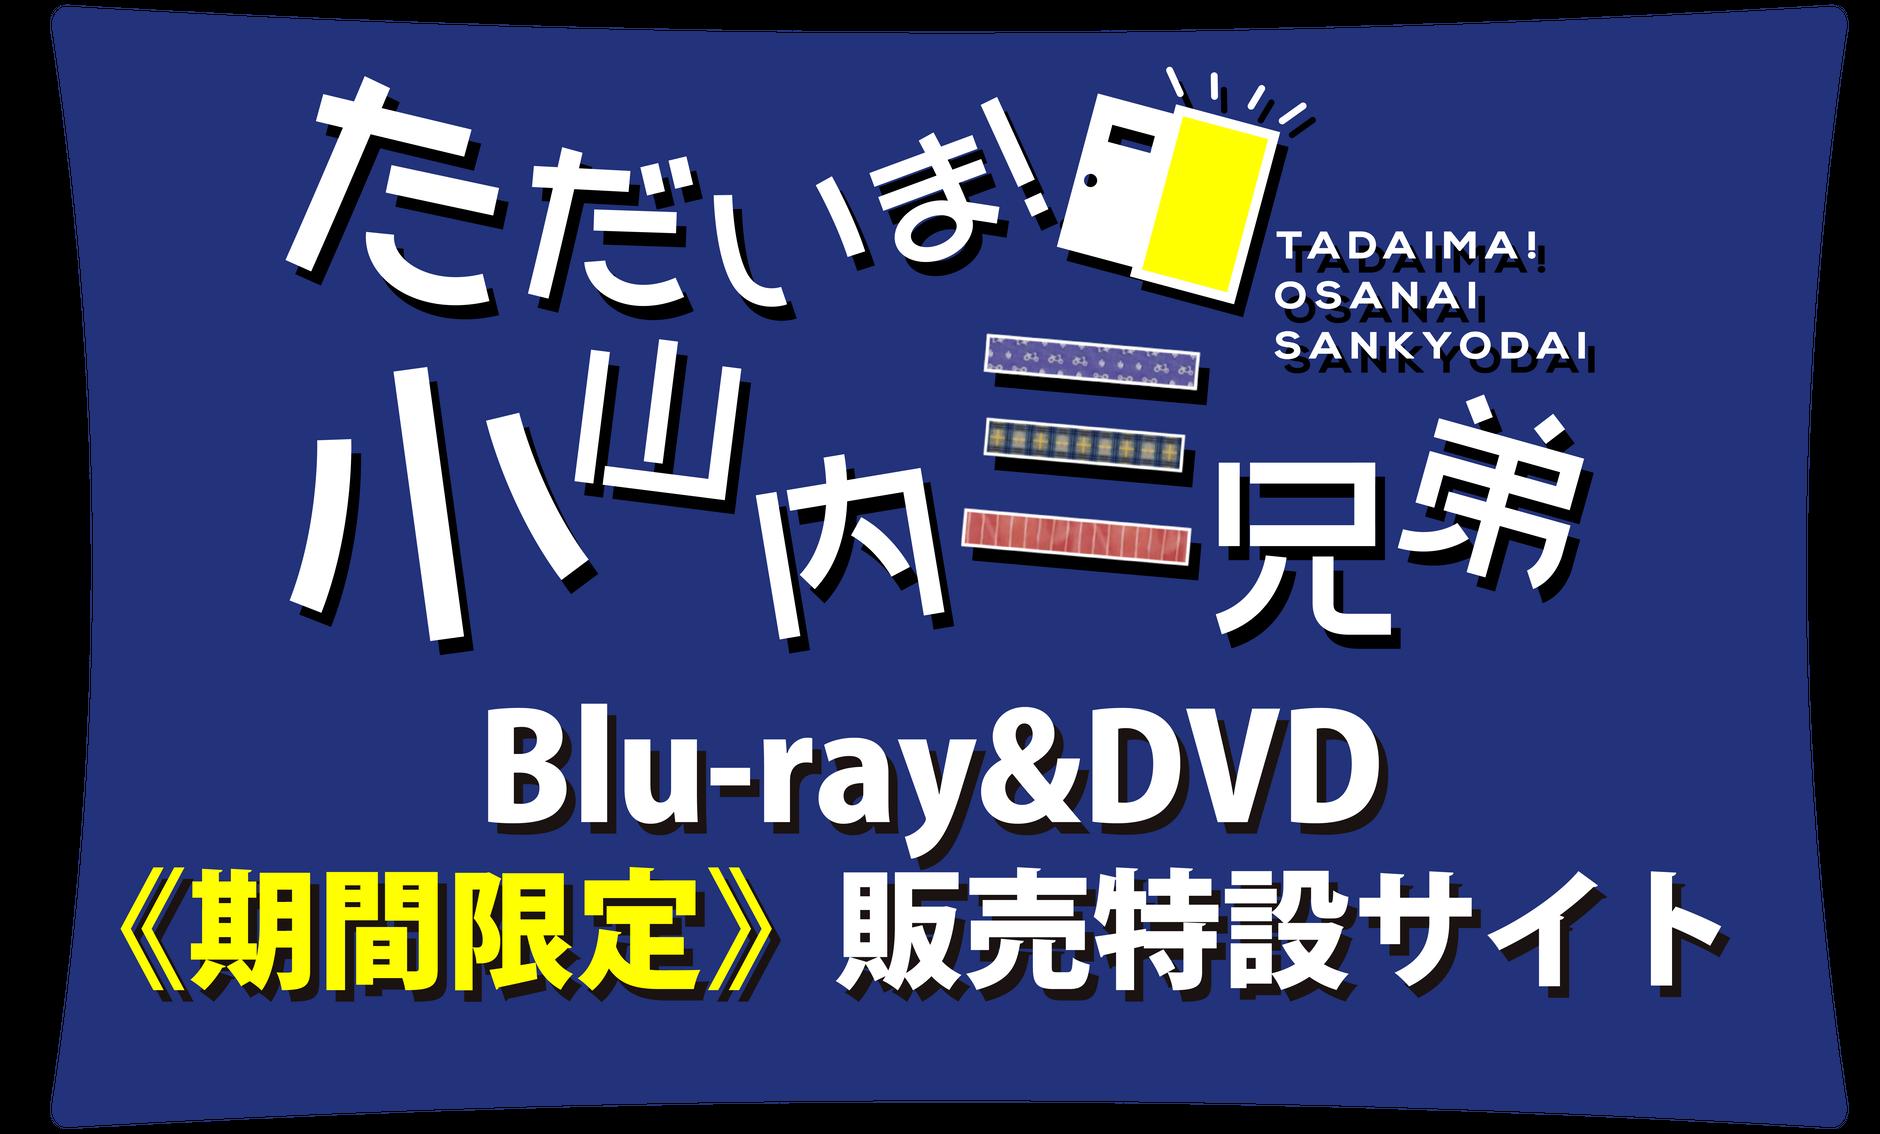 「ただいま!小山内三兄弟」BD&DVD販売特設サイト